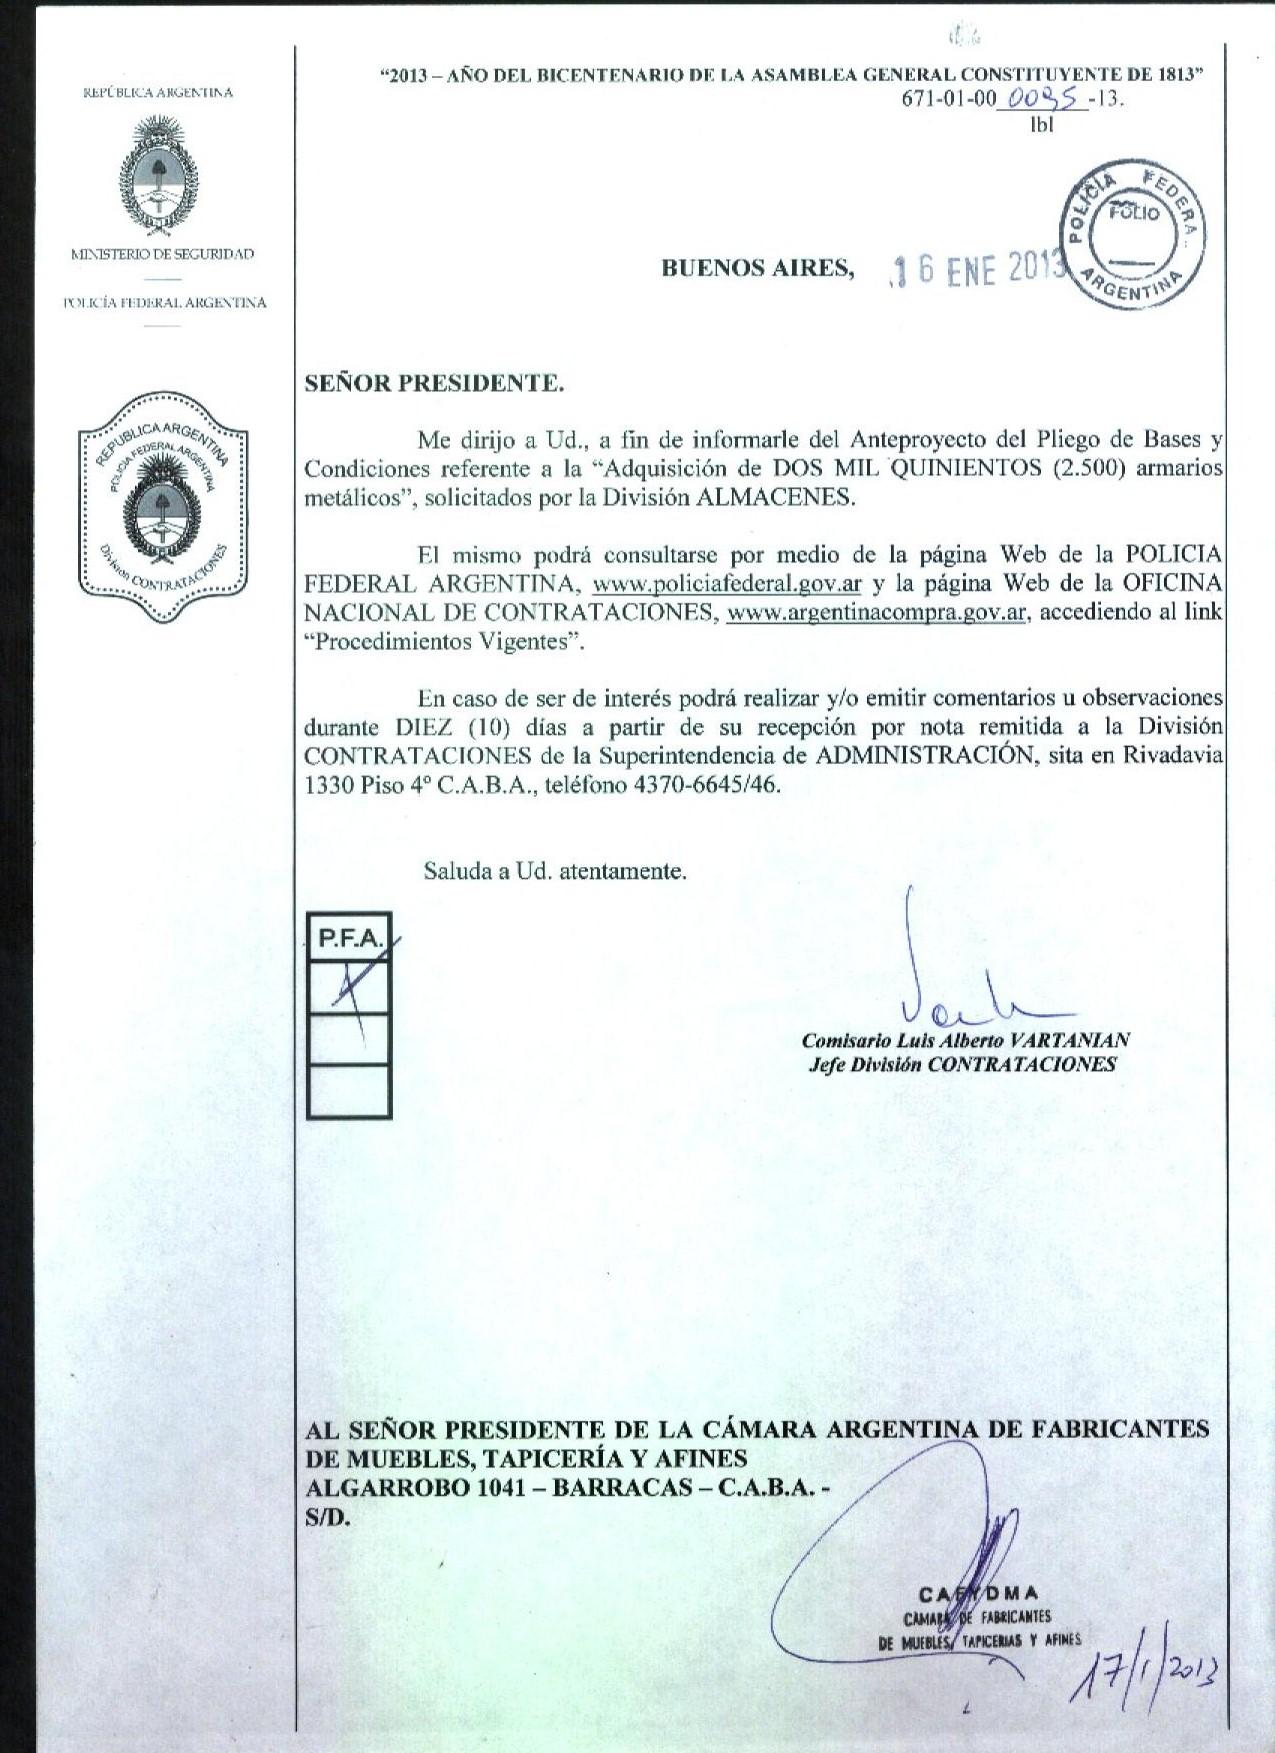 Cafydma Informa sobre licitaciones.